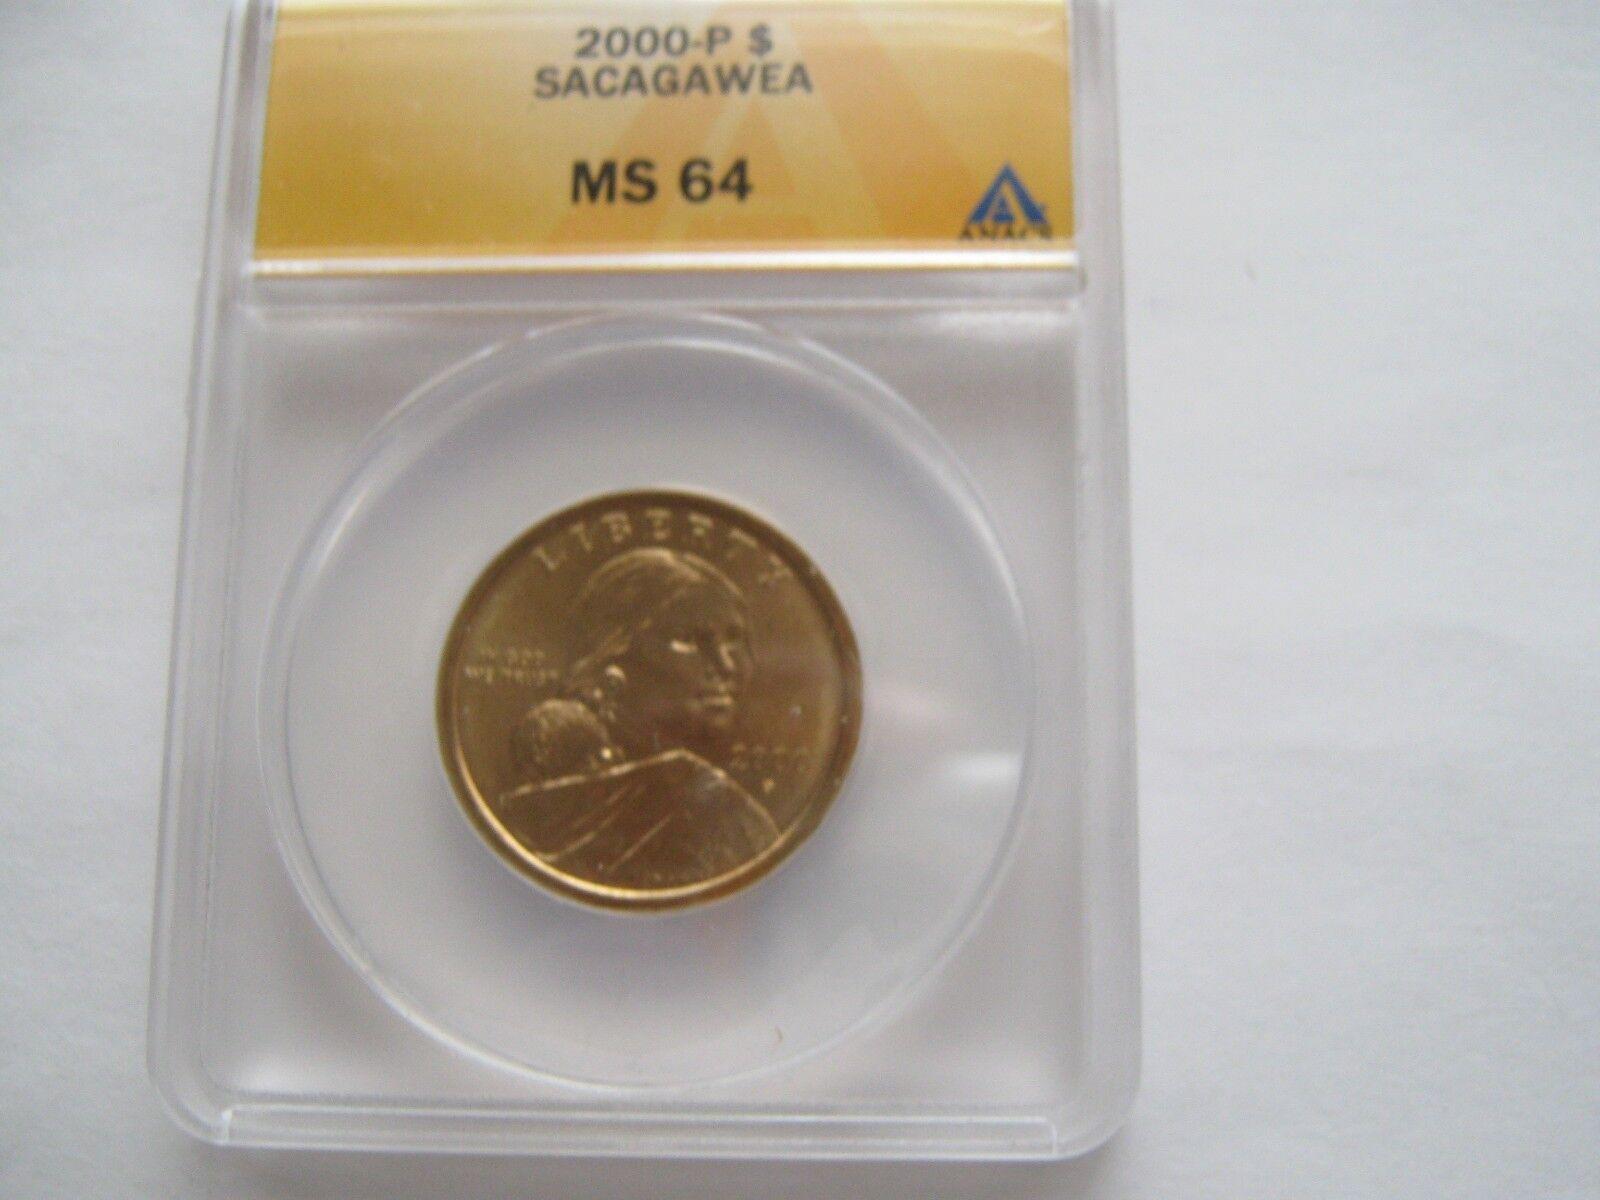 2000 P , Sacagawea / Native American Dollar , MS 64, AN